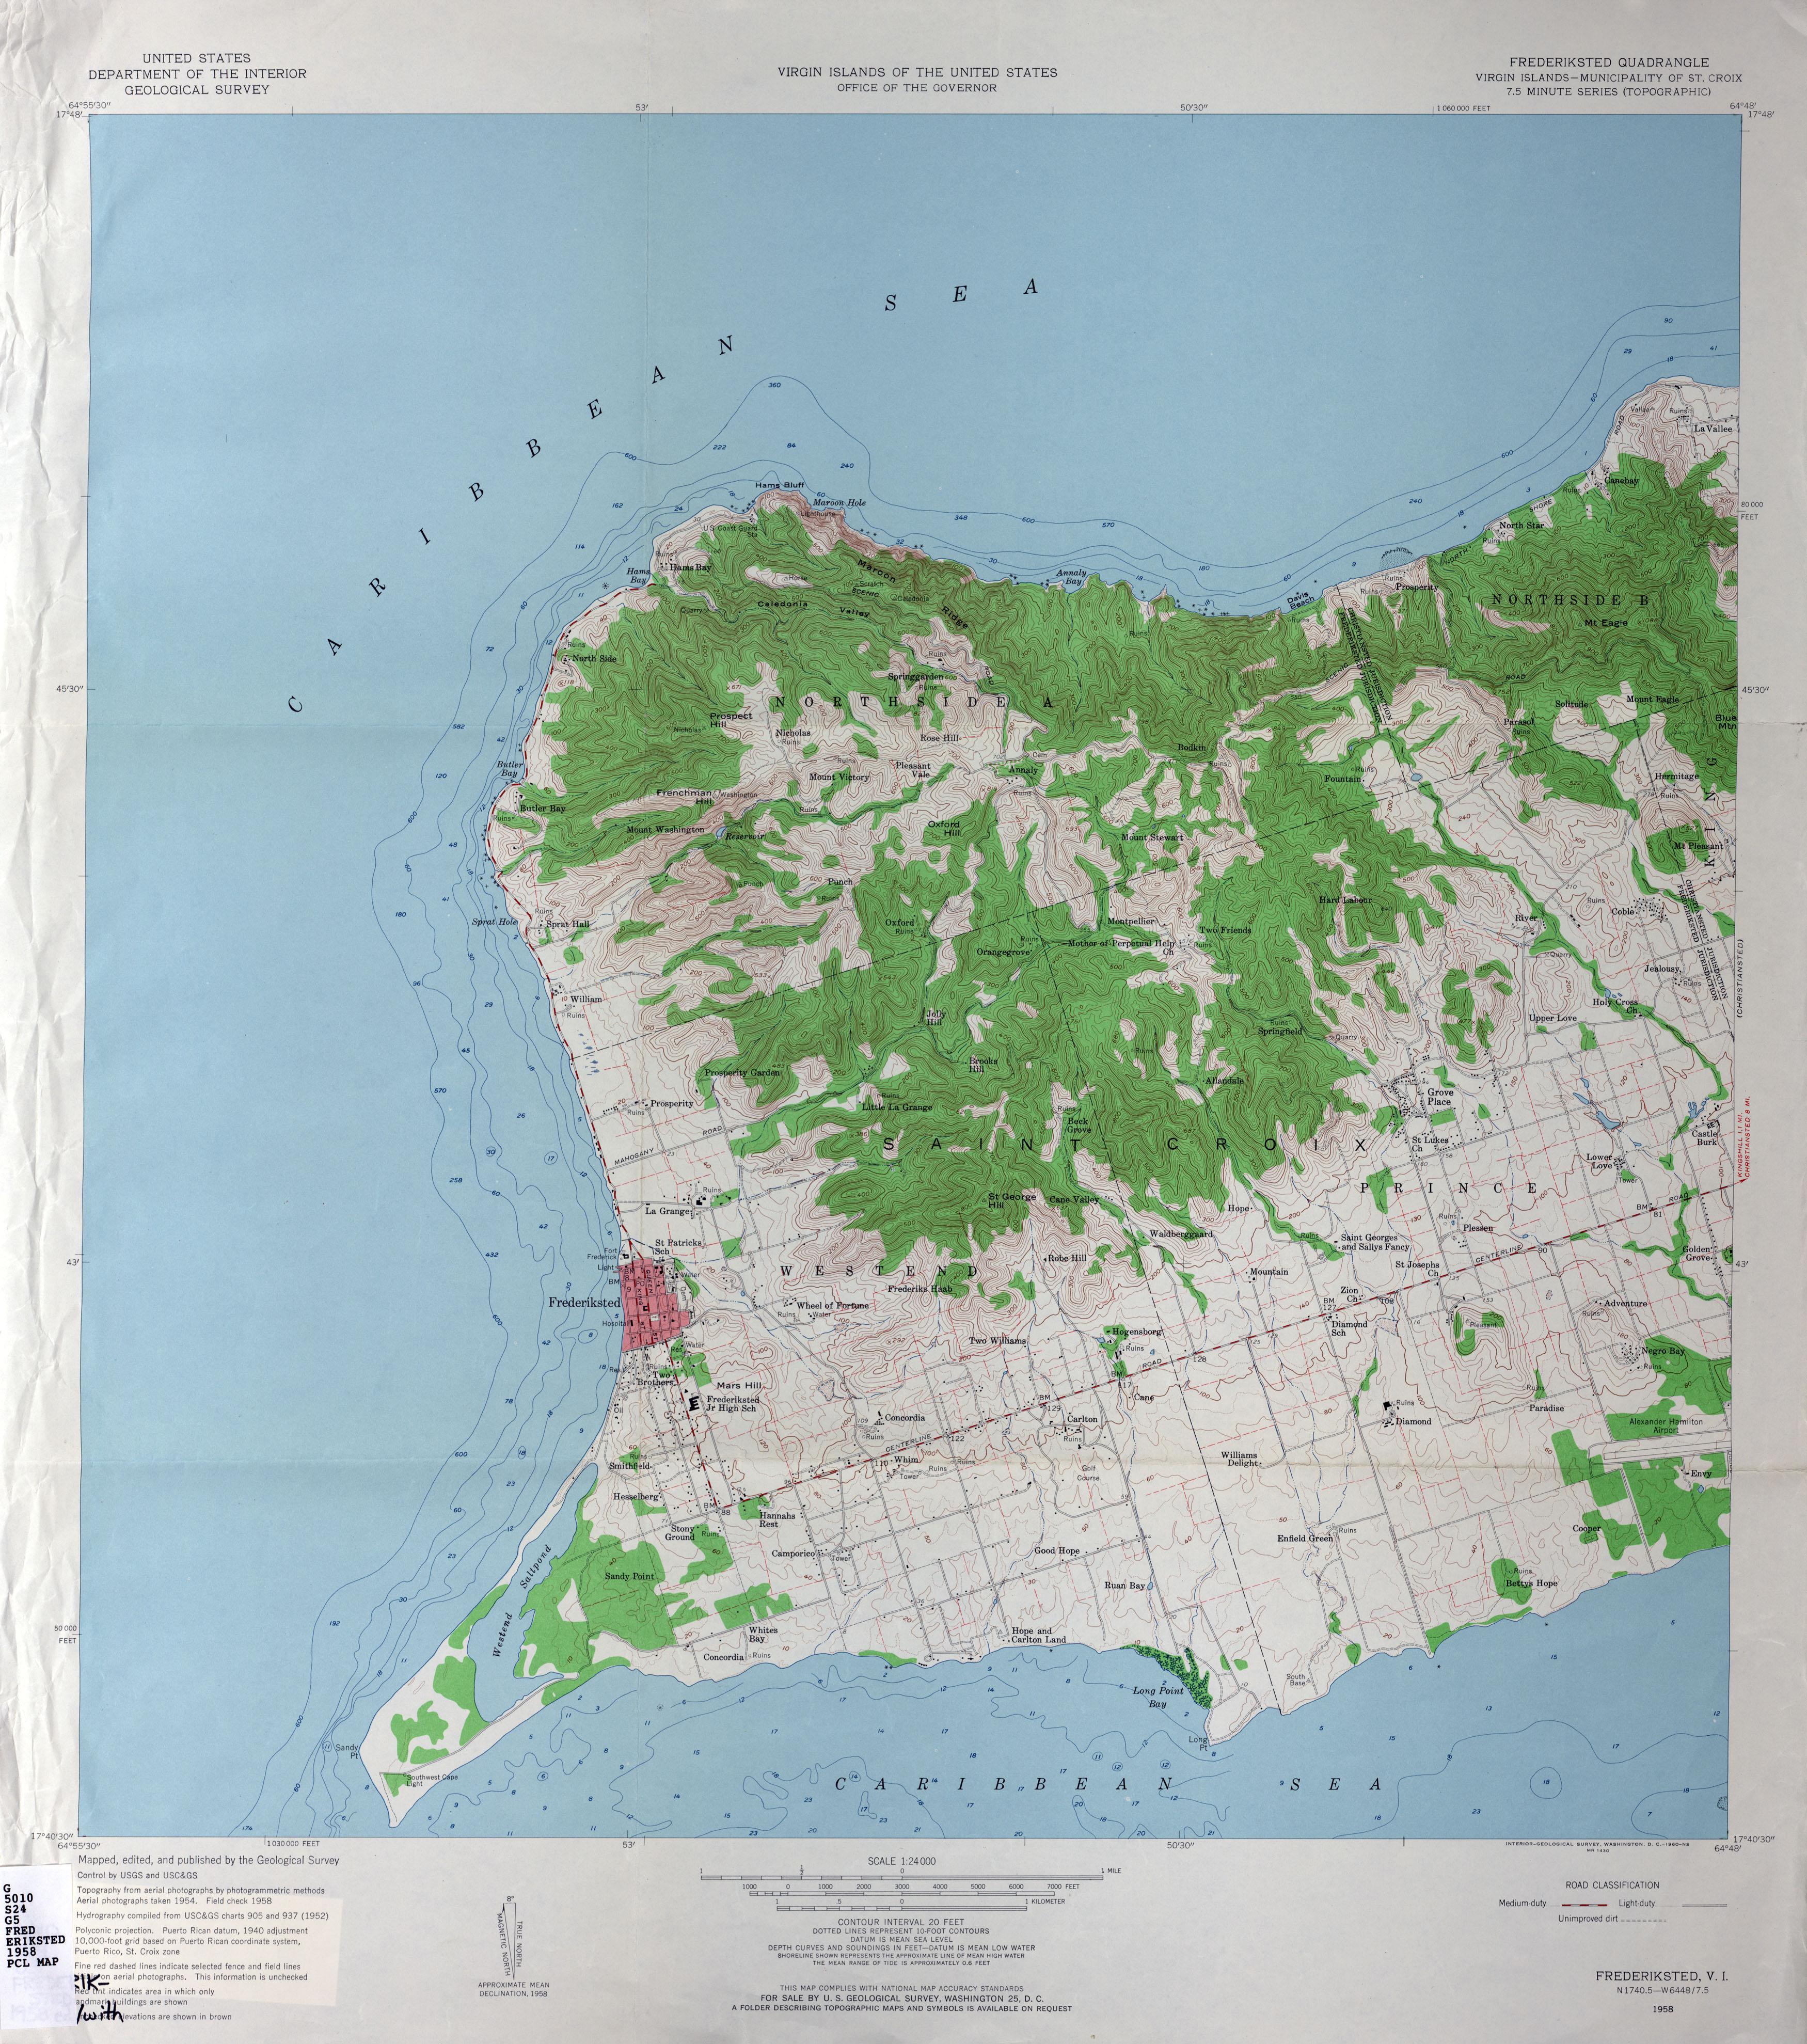 US Virgin Islands Topographic Maps PerryCastañeda Map - St croix us virgin islands map